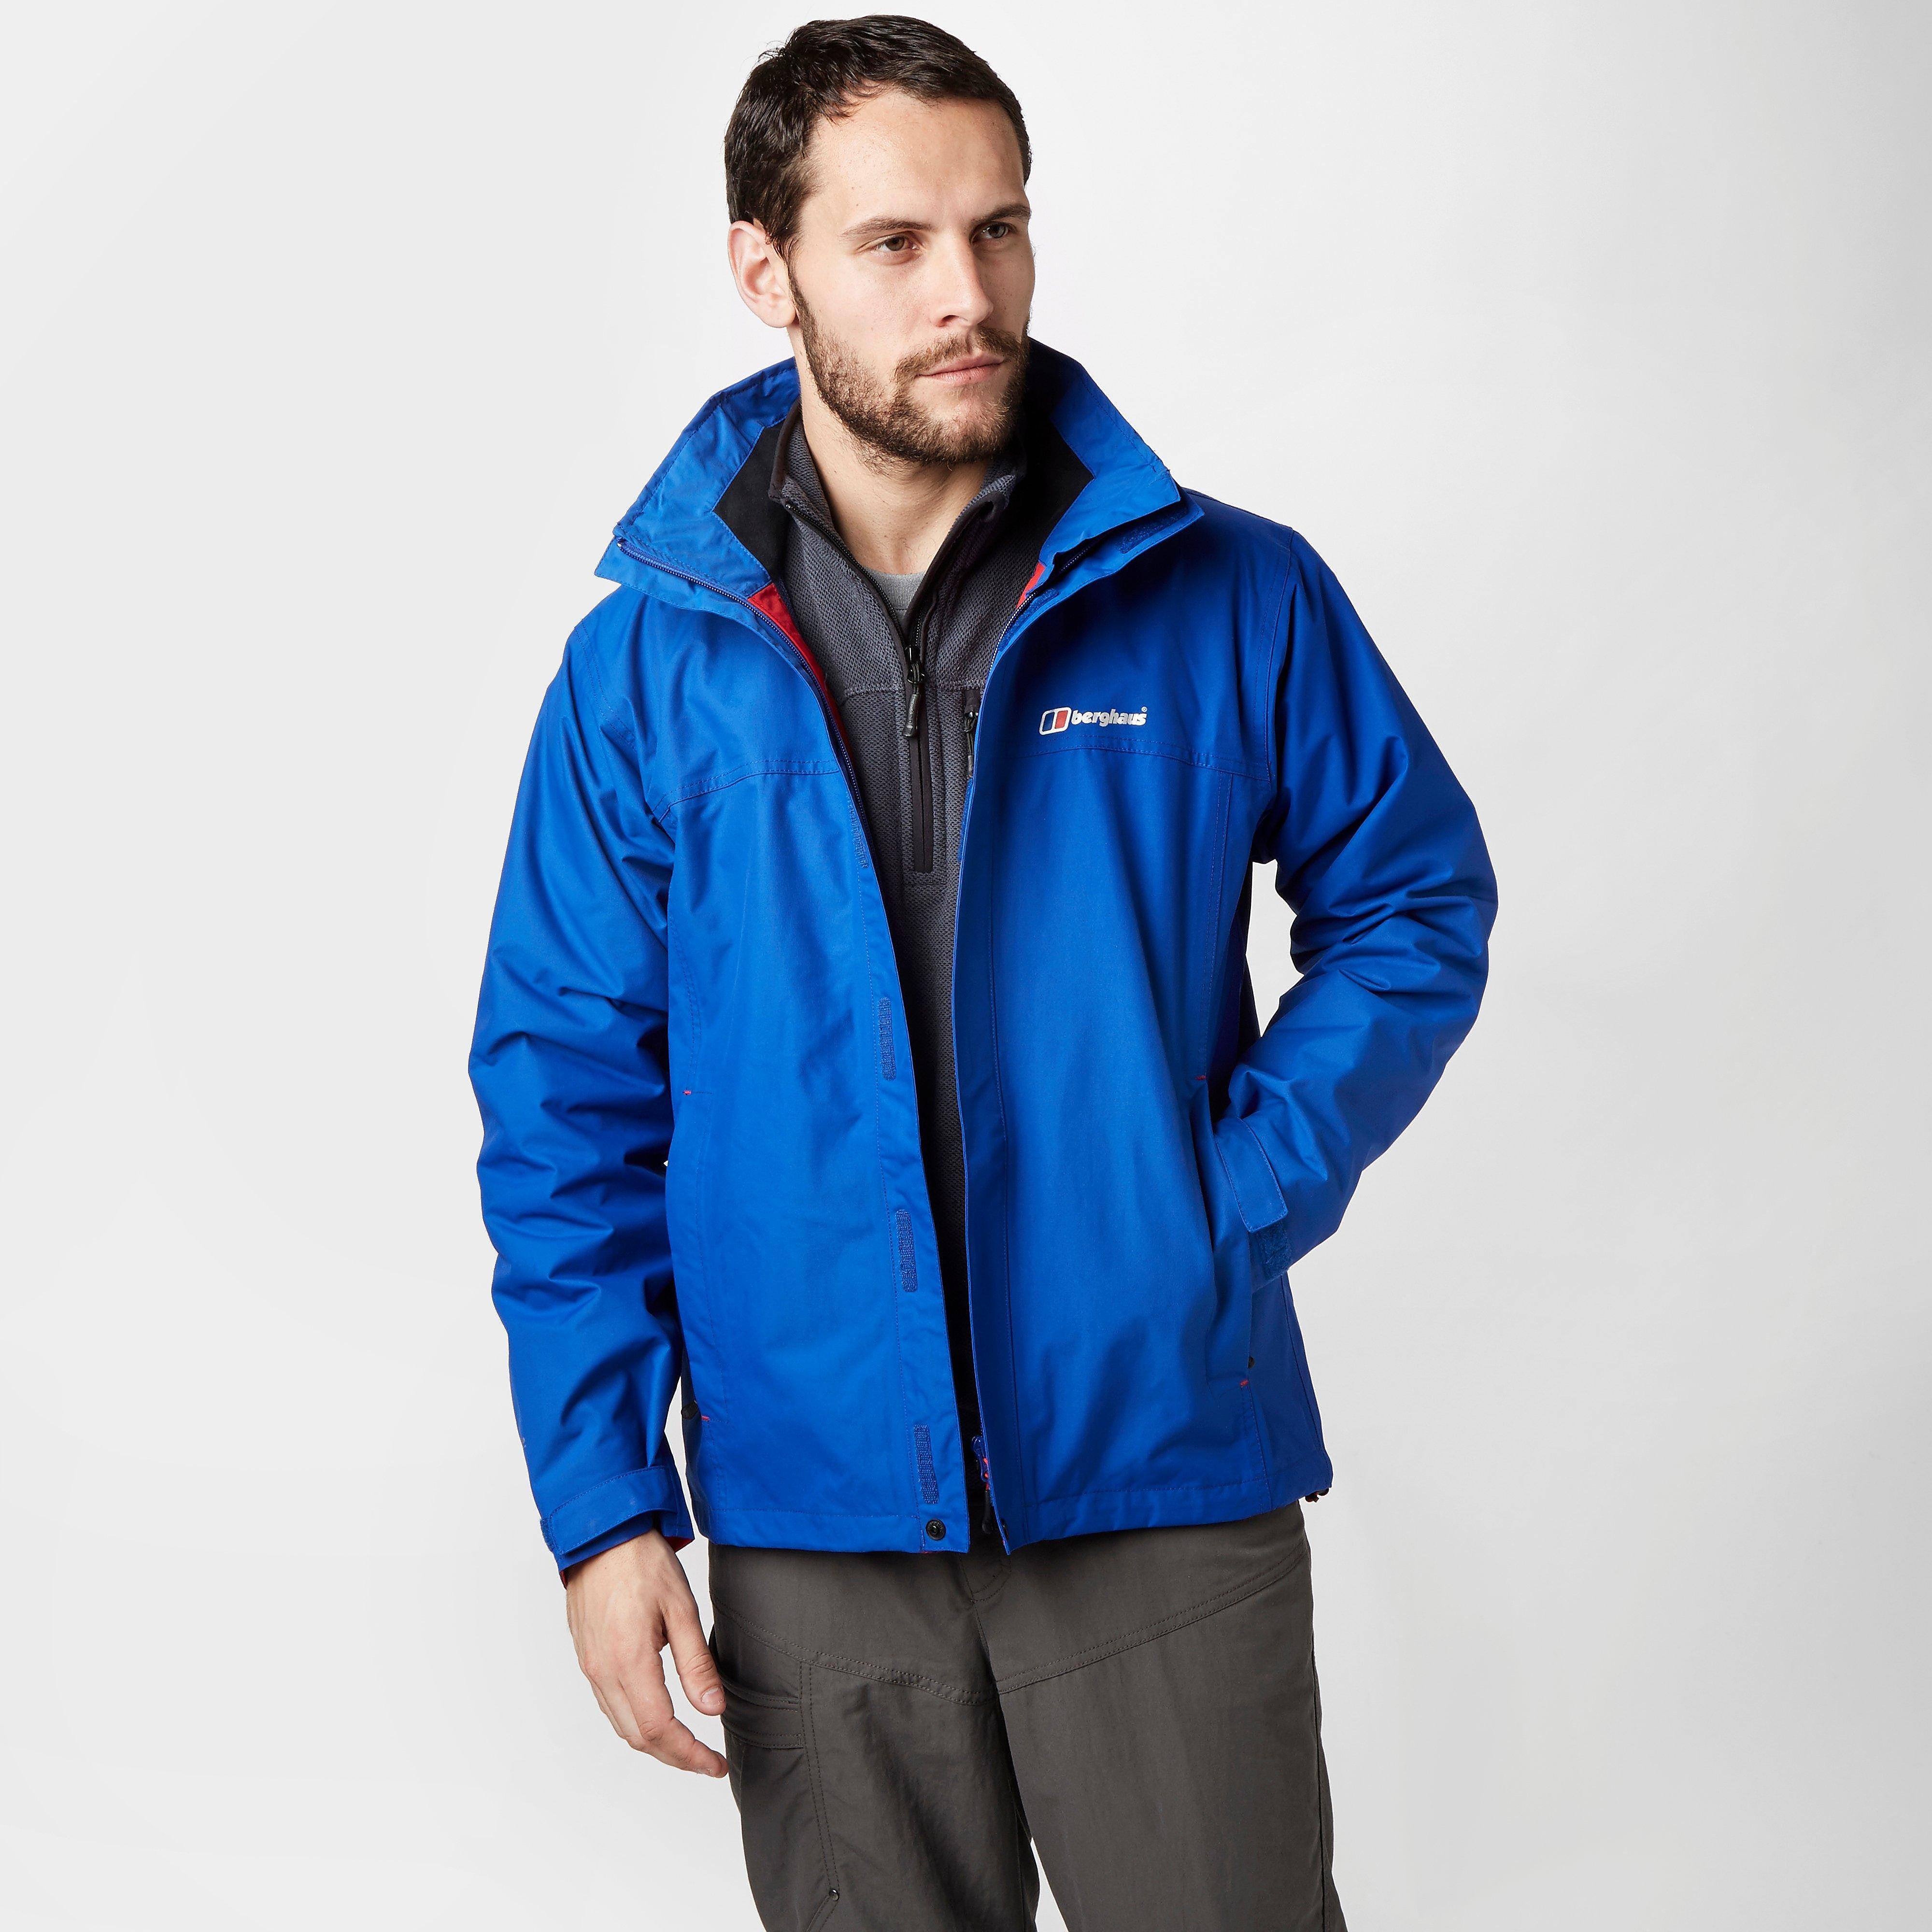 Berghaus RG Delta Waterproof Men's Jacket